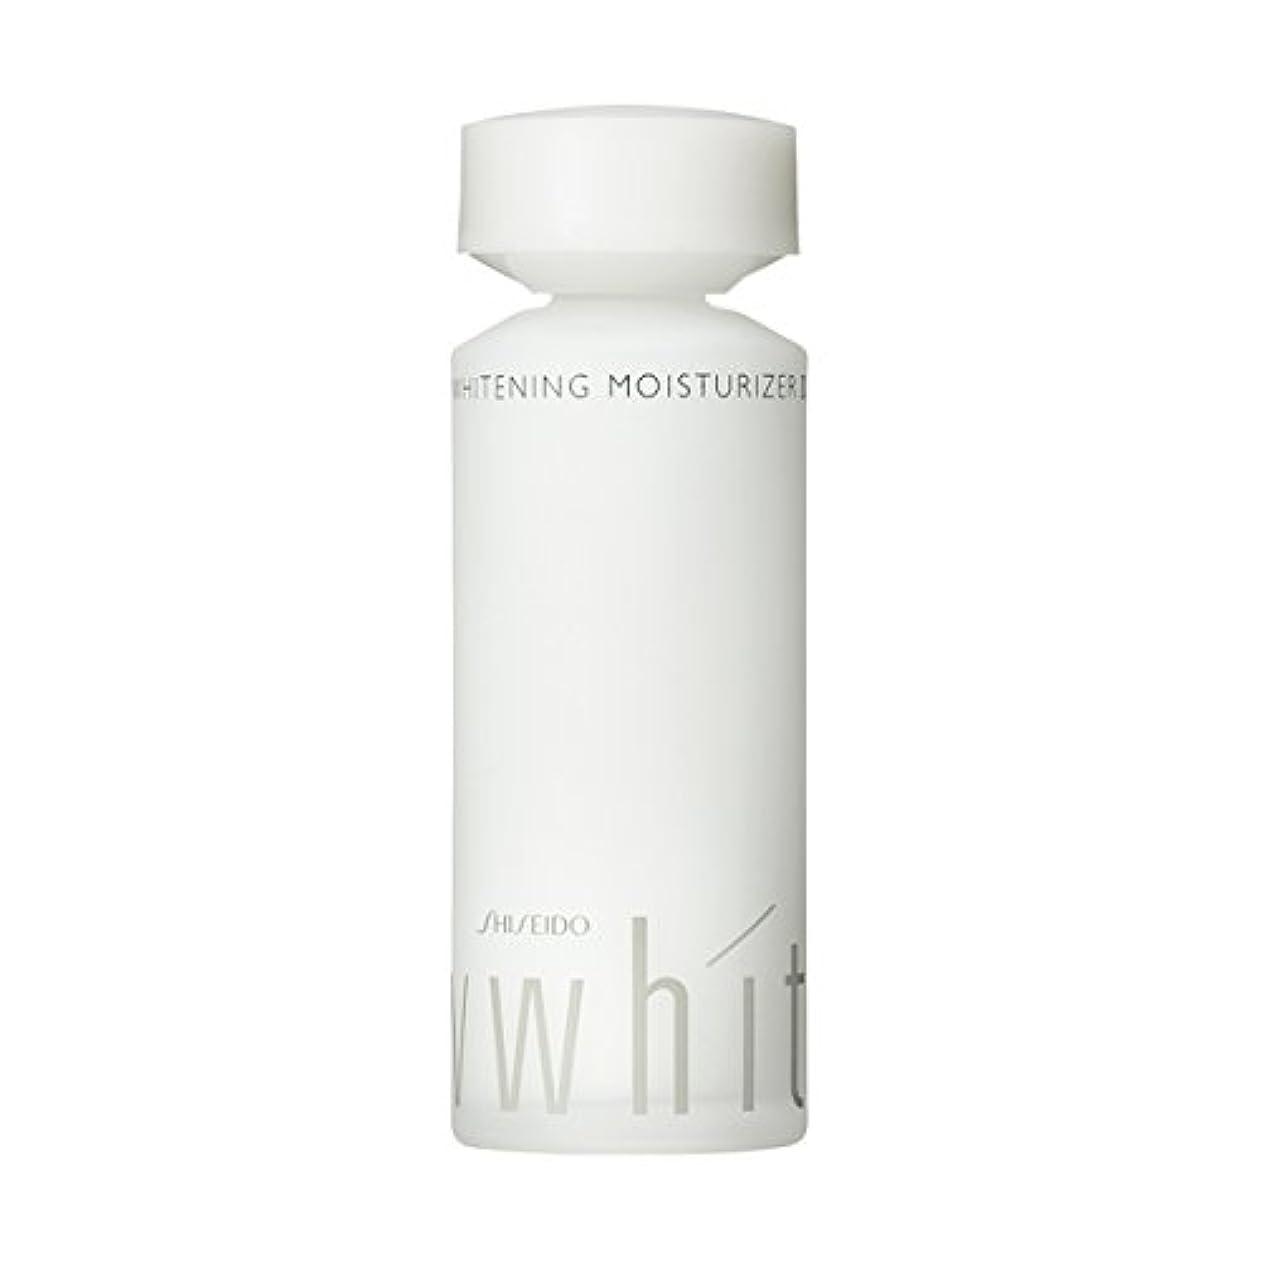 社交的クック起点UVホワイト ホワイトニング モイスチャーライザー 2 100mL 【医薬部外品】